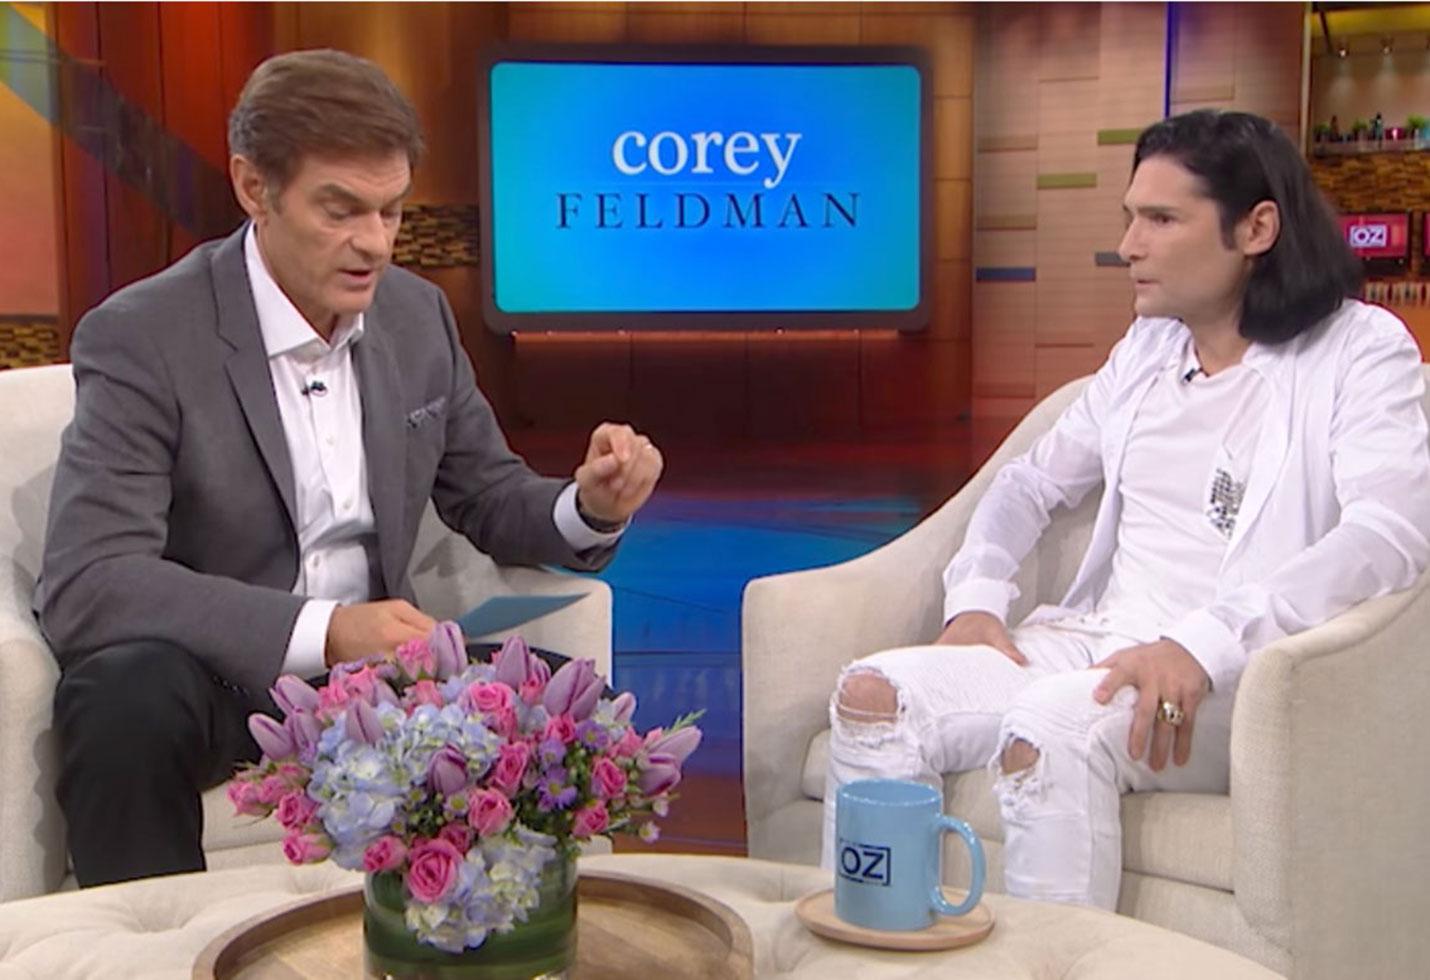 Corey Feldman Calls LAPD Report Molesters Dr Oz feature